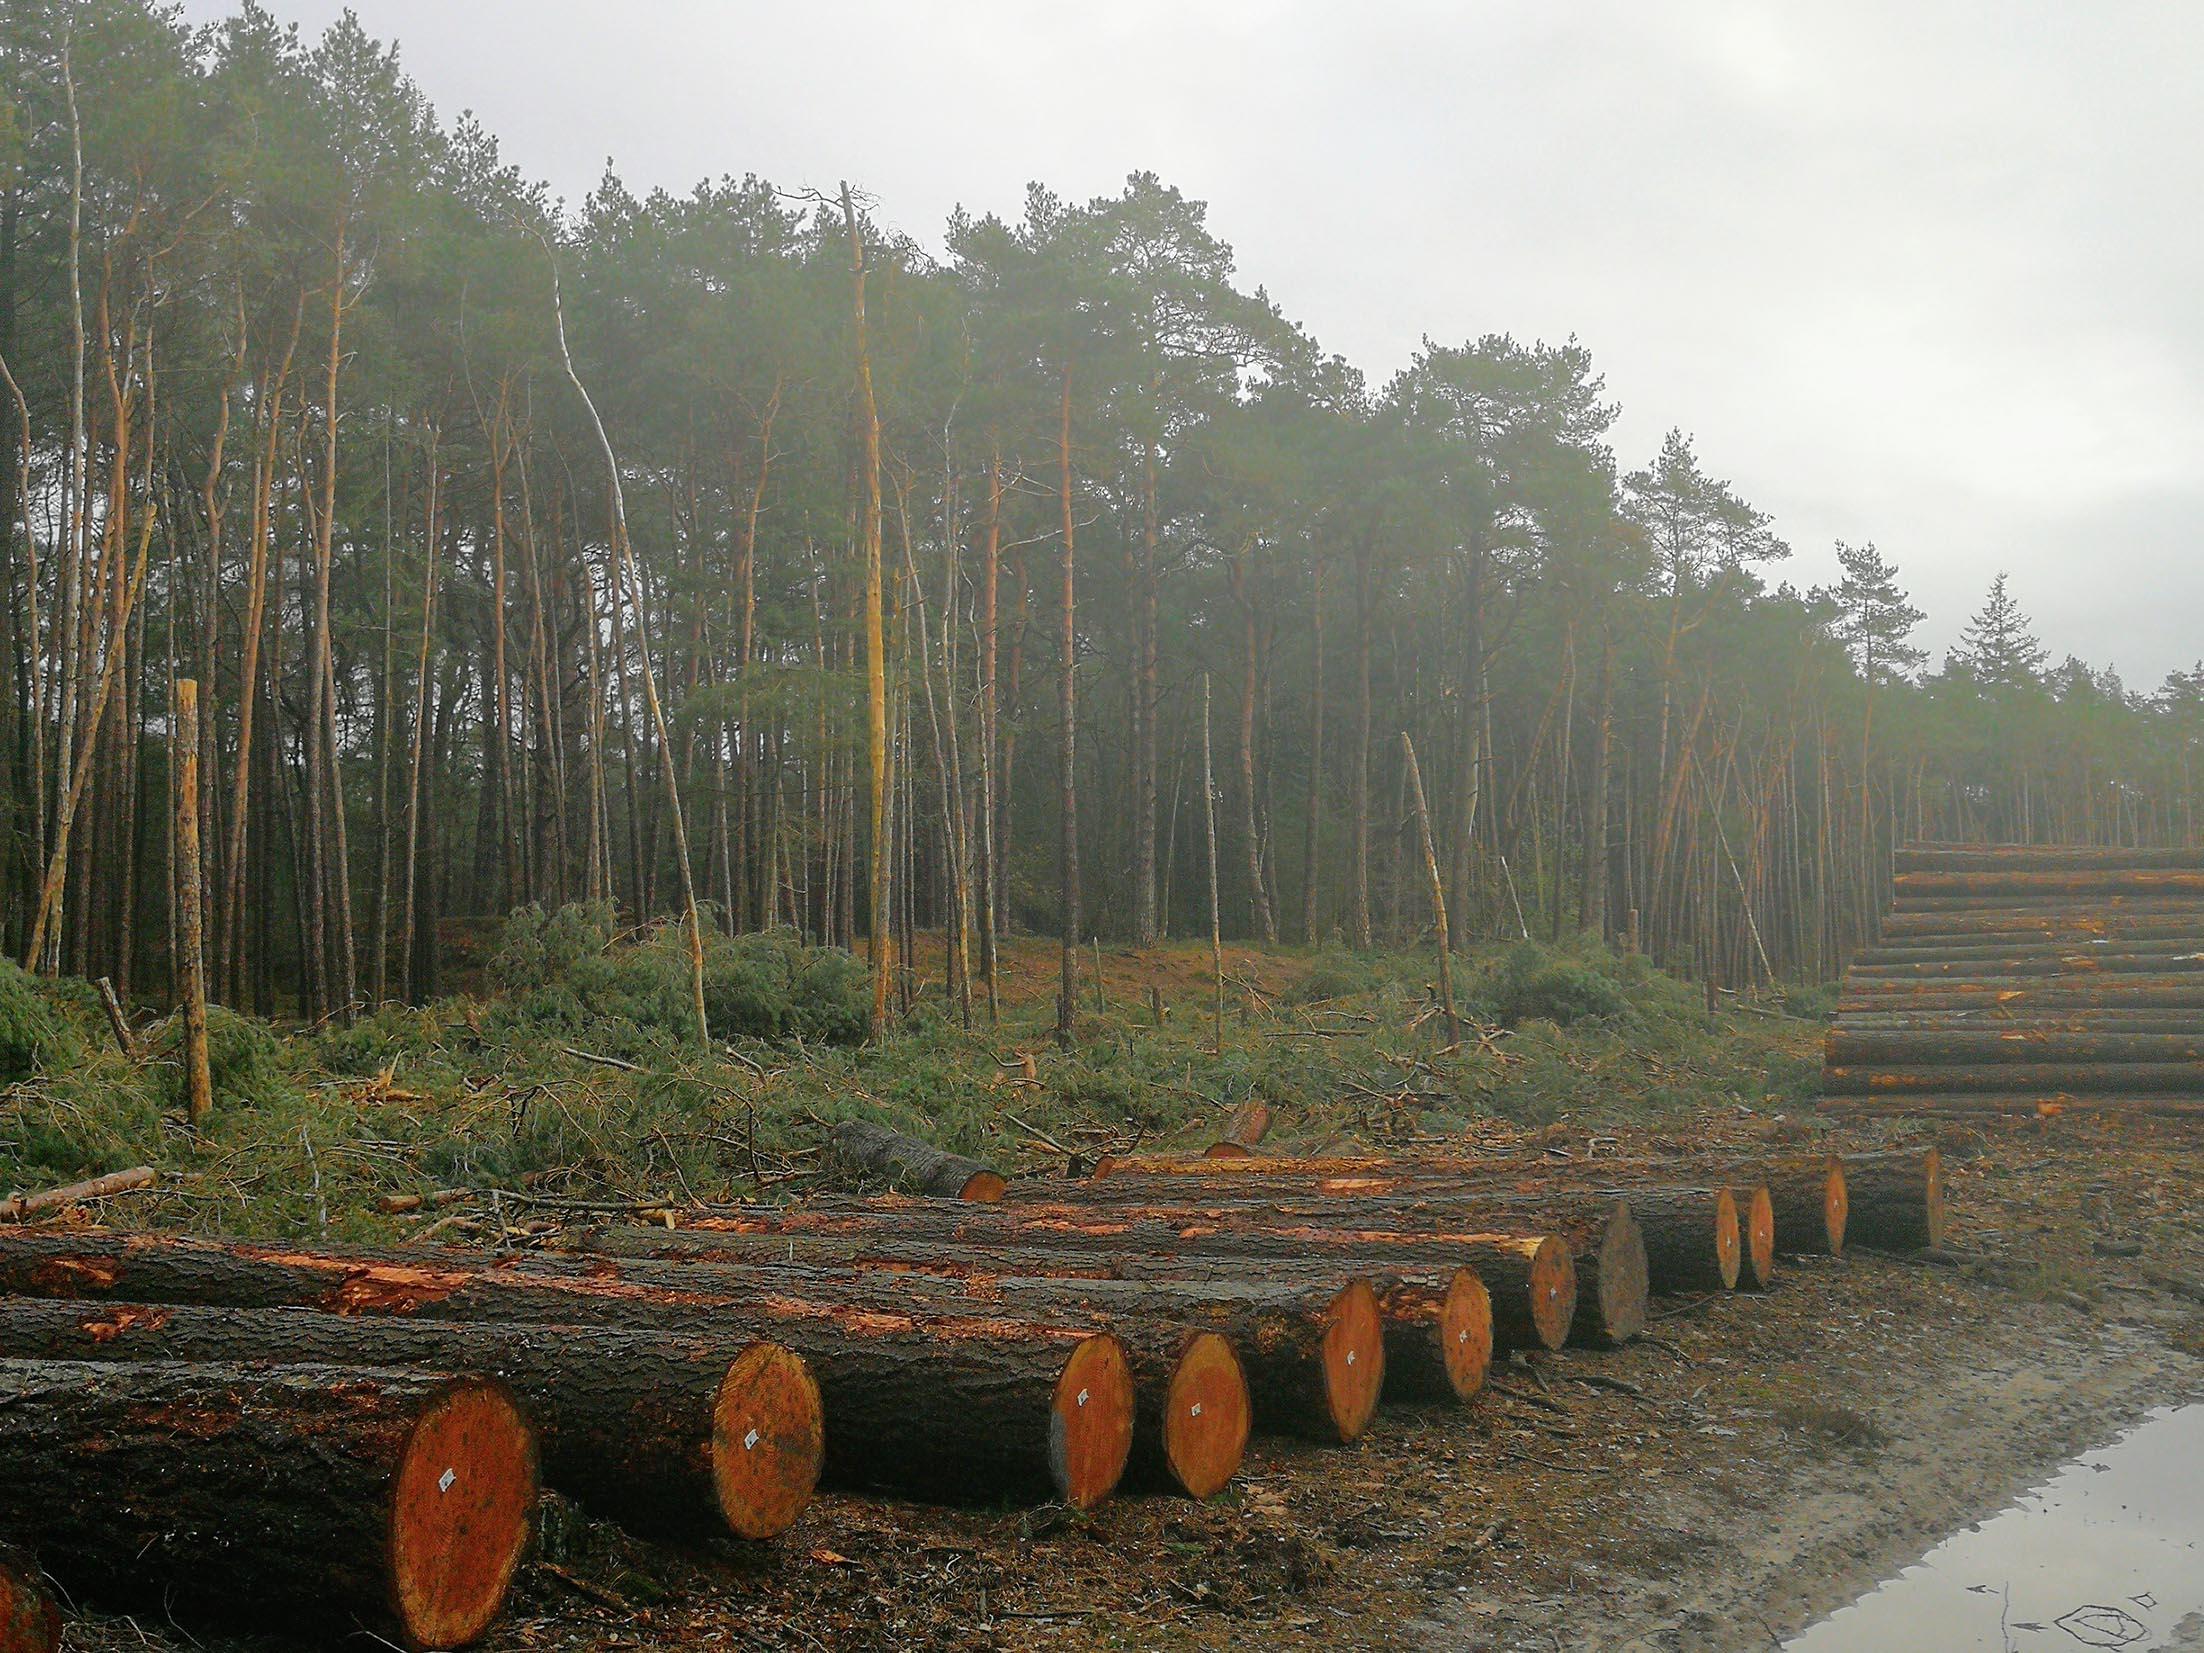 Op de achtergrond staat grove den, die nodig gedund had moeten worden, op de voorgrond het verdwenen bos, dat na een dunning nog lang voor afwisseling had kunnen zorgen. Volkomen verkeerde beheermaatregel uitgevoerd dus - Foto: ©JGS/Veluwenaar